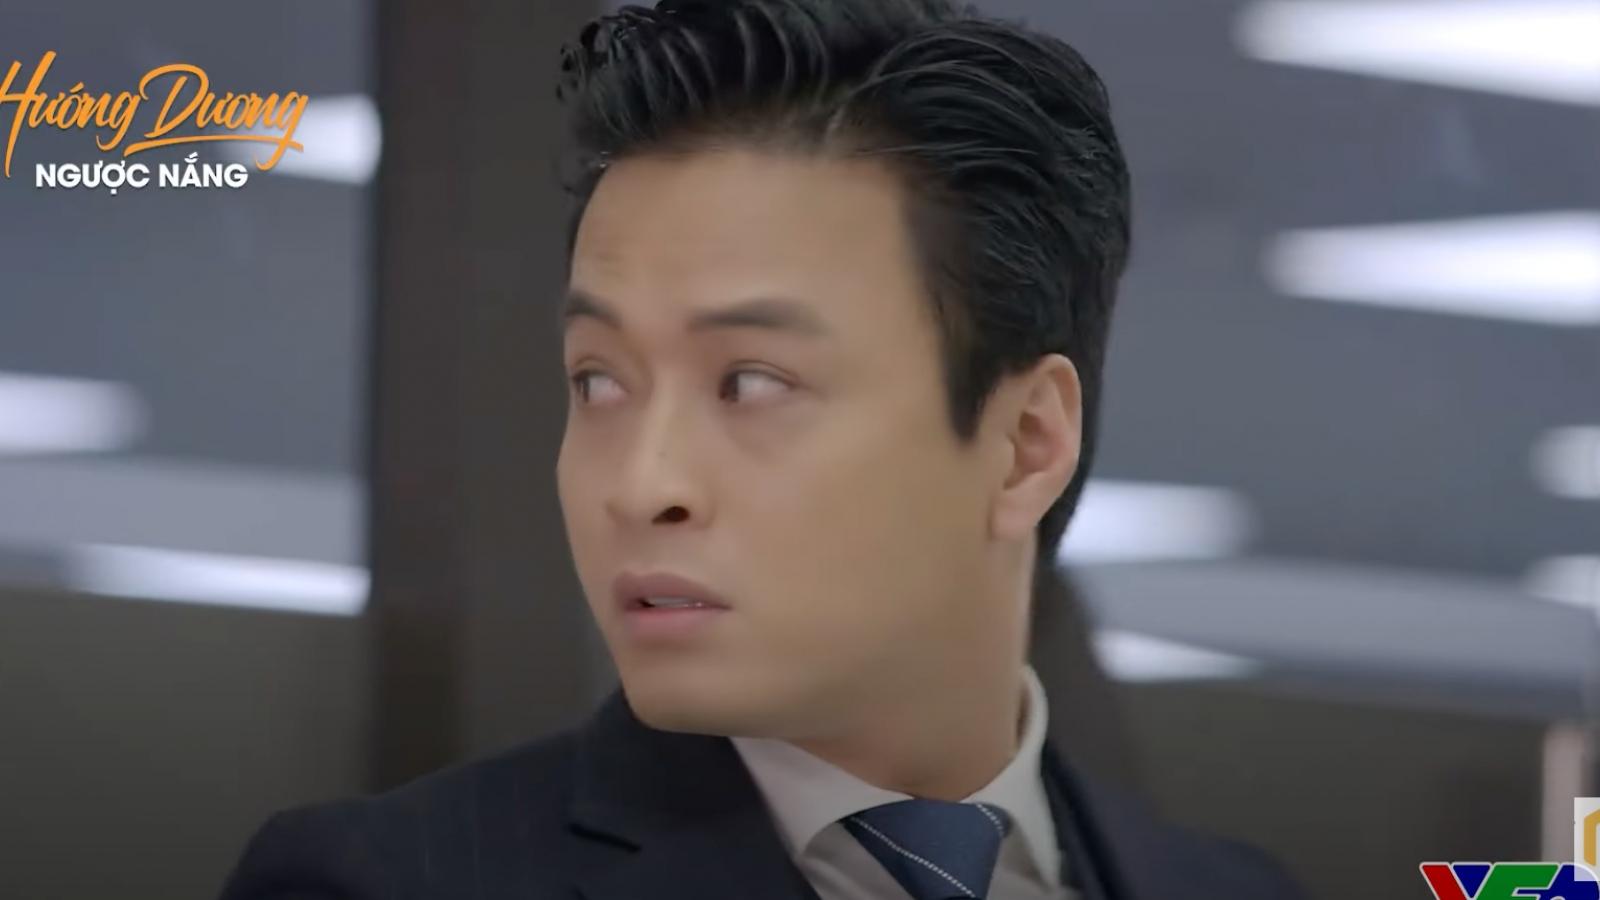 """""""Hướng dương ngược nắng"""" tập 50: Châu trở về cứu nguy cho Cao Dược phút cuối?"""